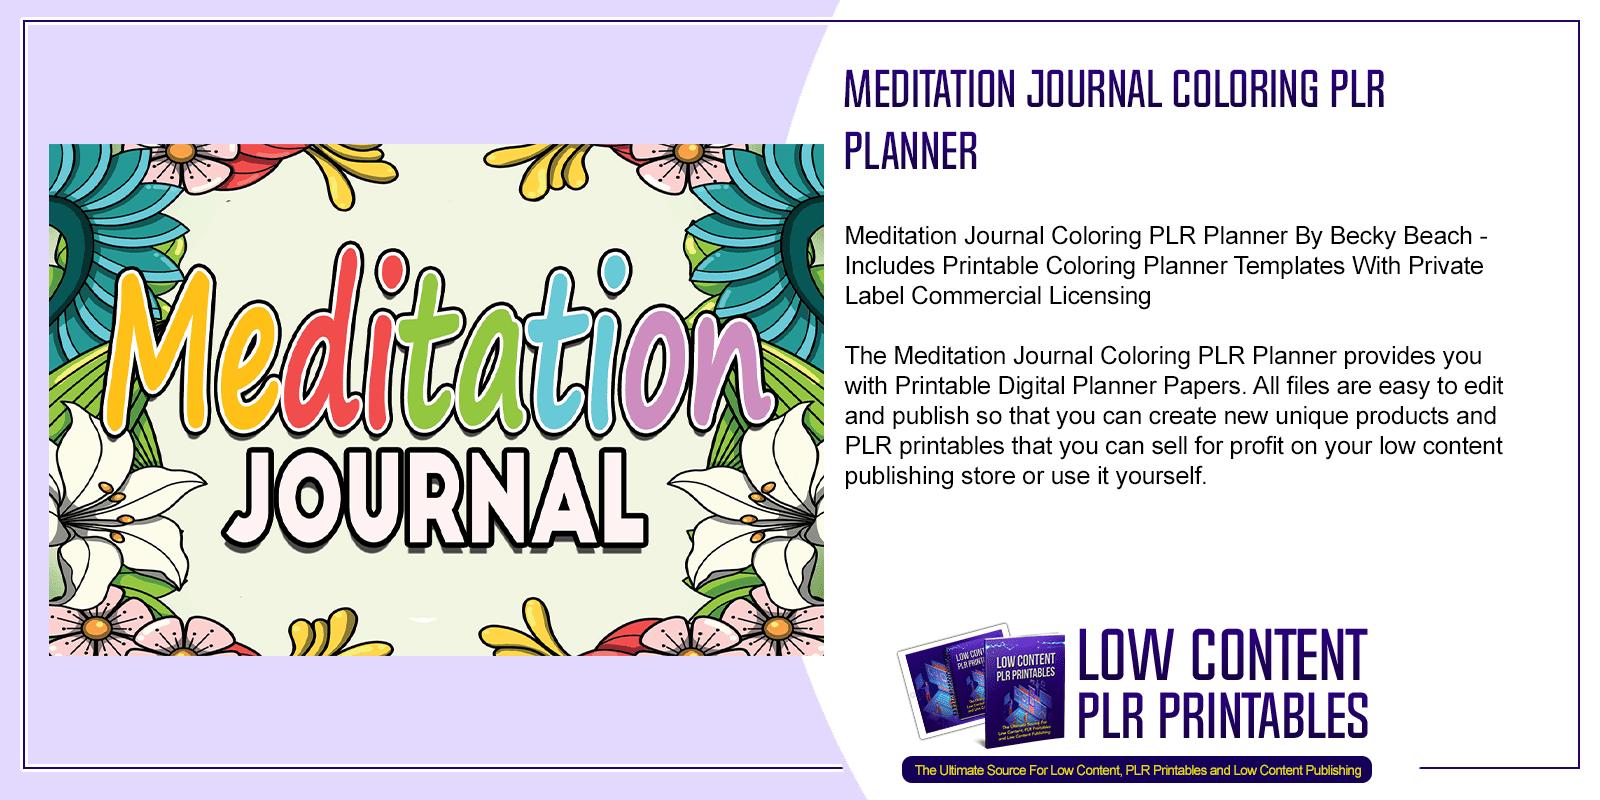 Meditation Journal Coloring PLR Planner